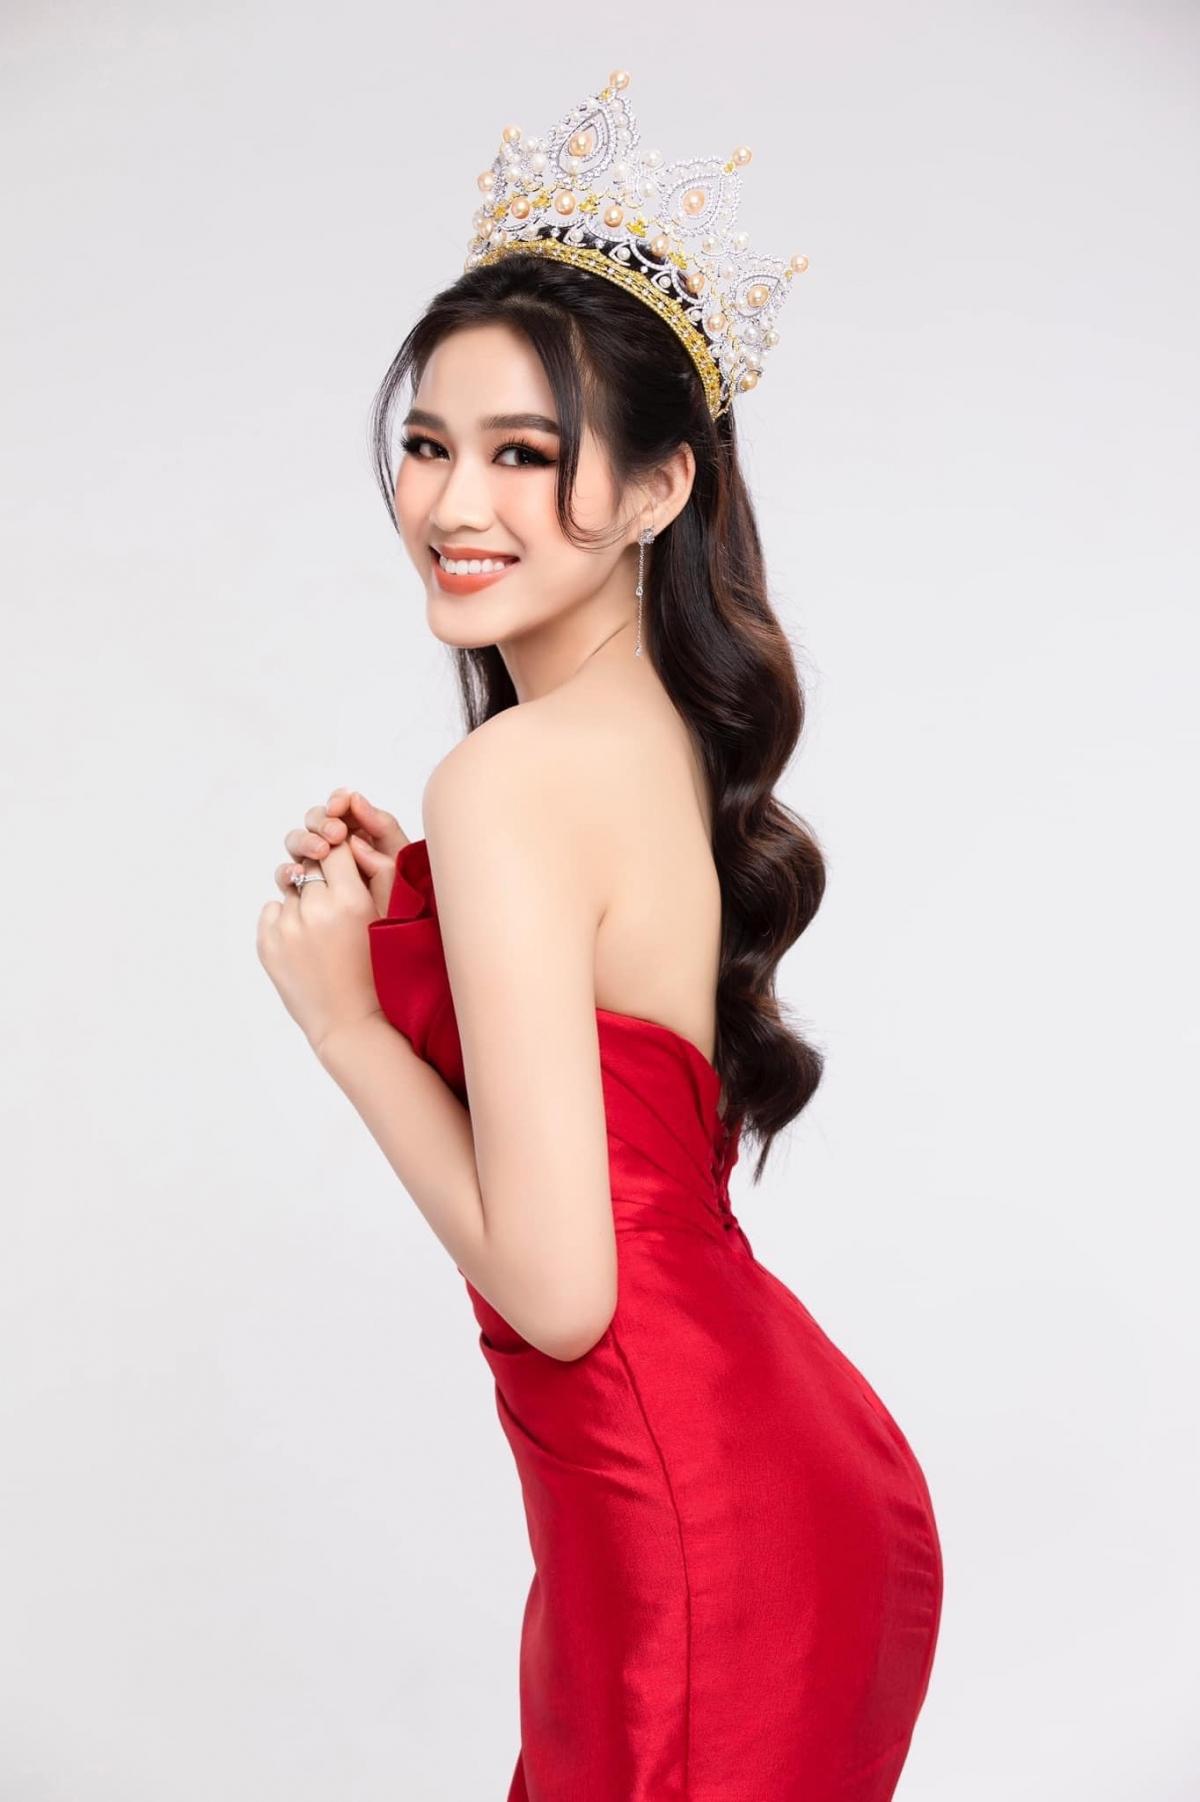 Gần đây, Hoa hậu Đỗ Thị Hà đã đăng bộ ảnh mới nhân dịp bước sang tuổi 20 của mình trên trang cá nhân.